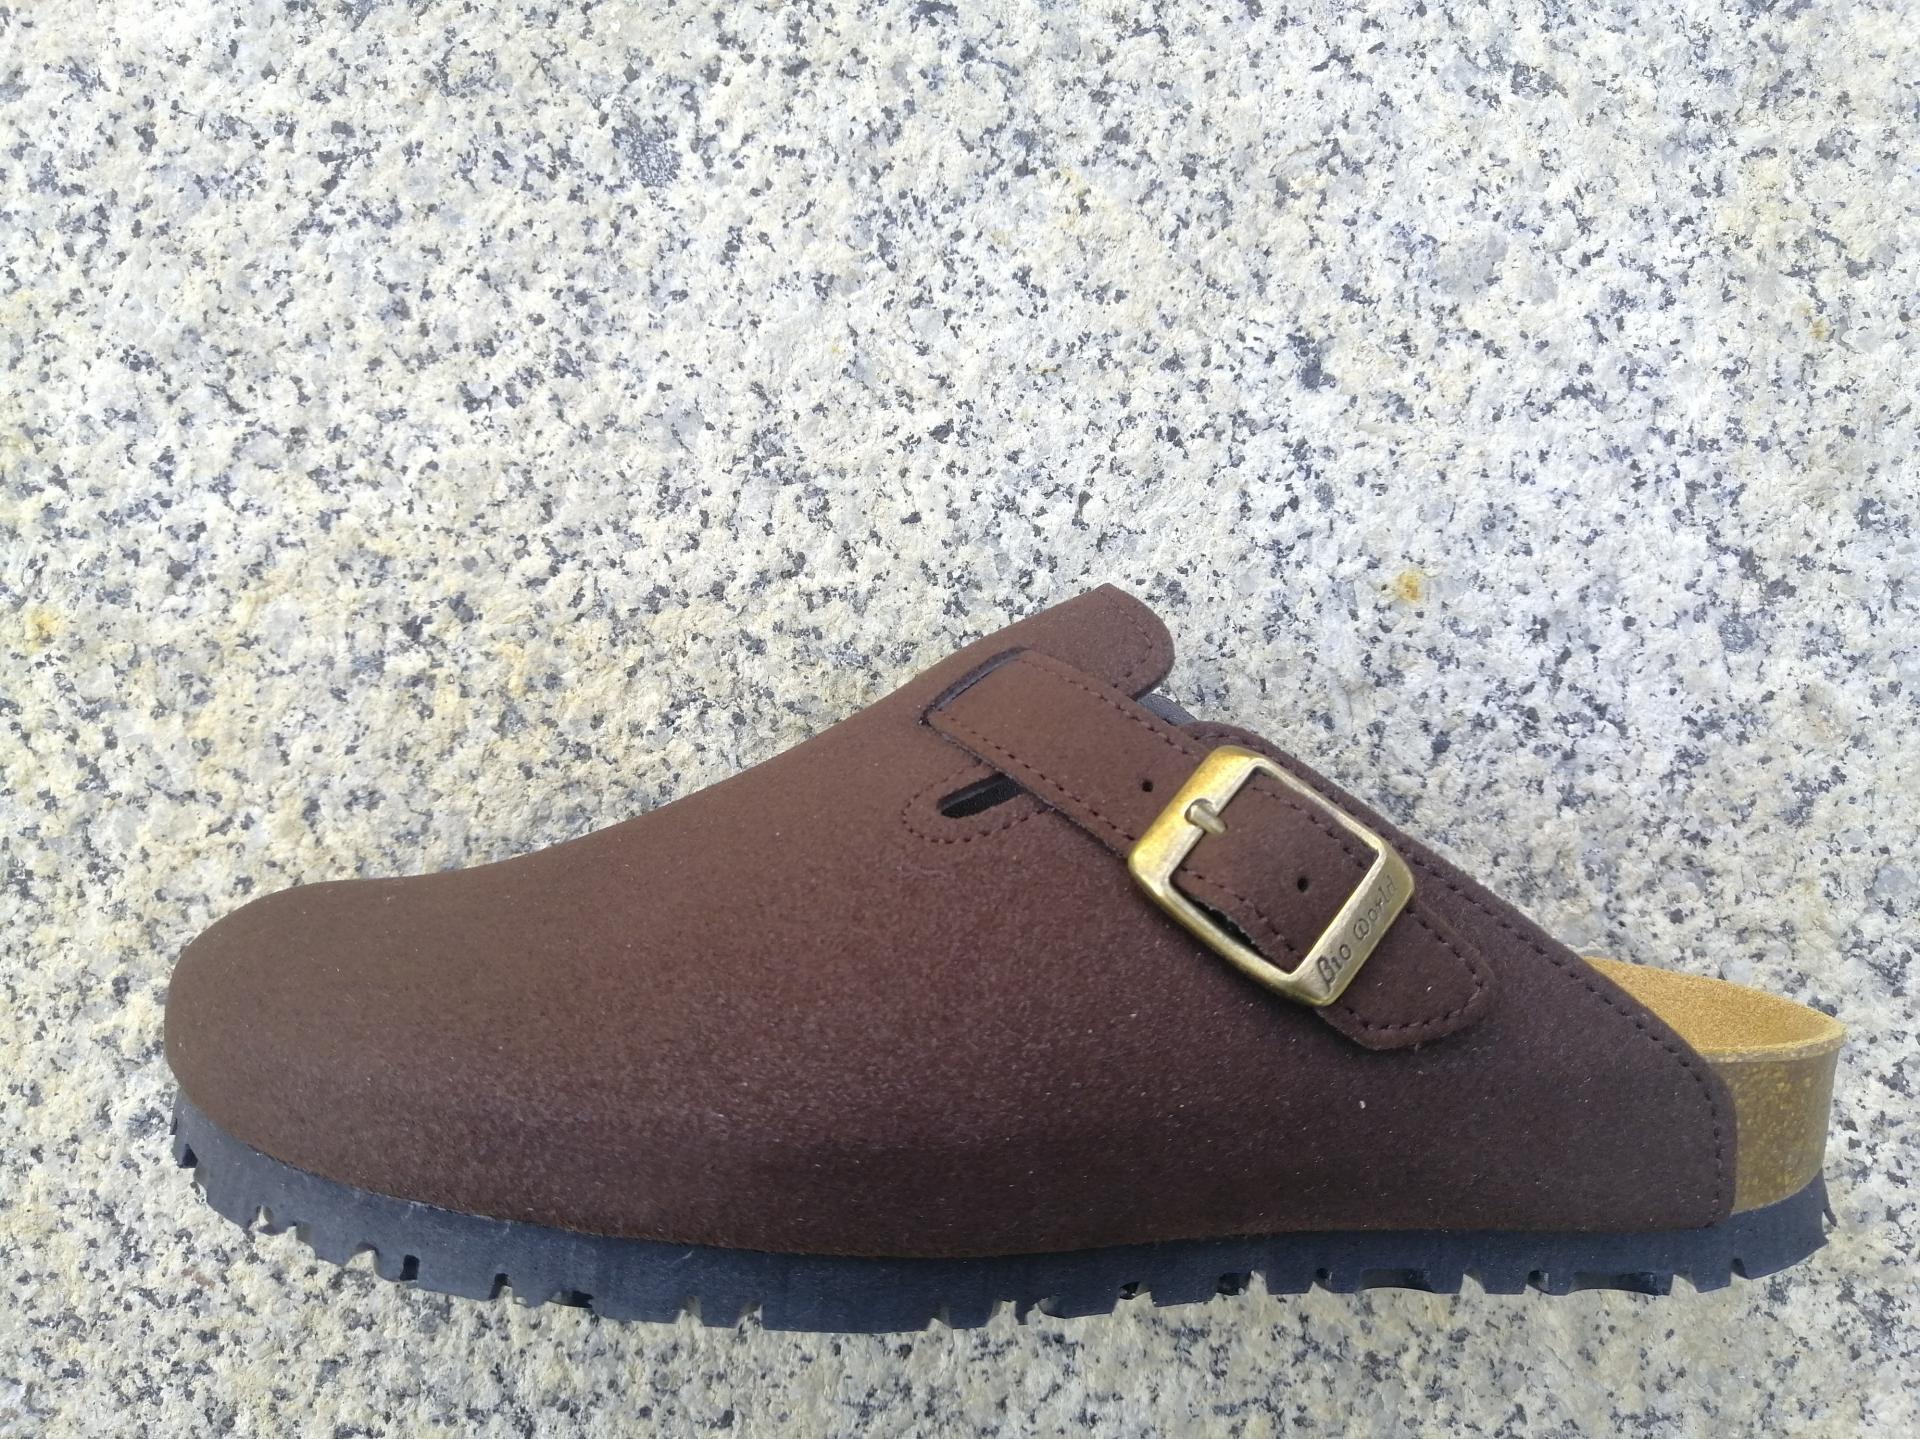 SUOMI MARRÓN SUEDE, Zuecos,  Zapatos veganos,, Zapatos abiertos, Zapatos Planos, zapatos de hombre, zapatos de mujer